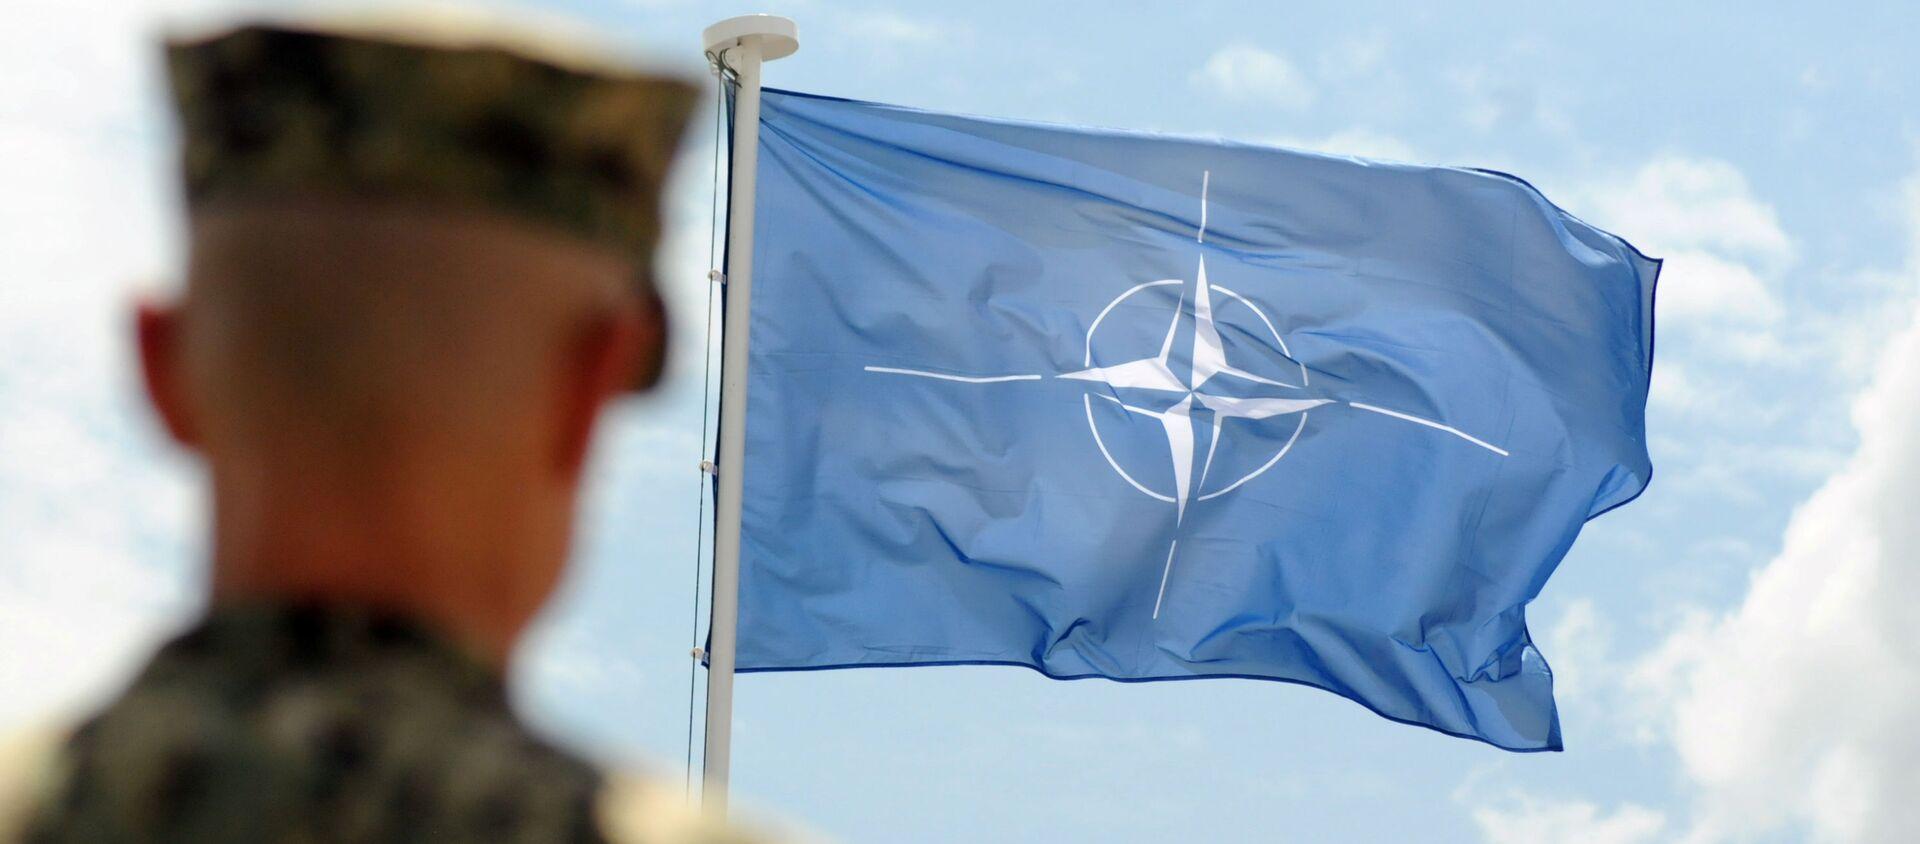 Военнослужащий НАТО на фоне флага НАТО в Косово - Sputnik 日本, 1920, 01.07.2021